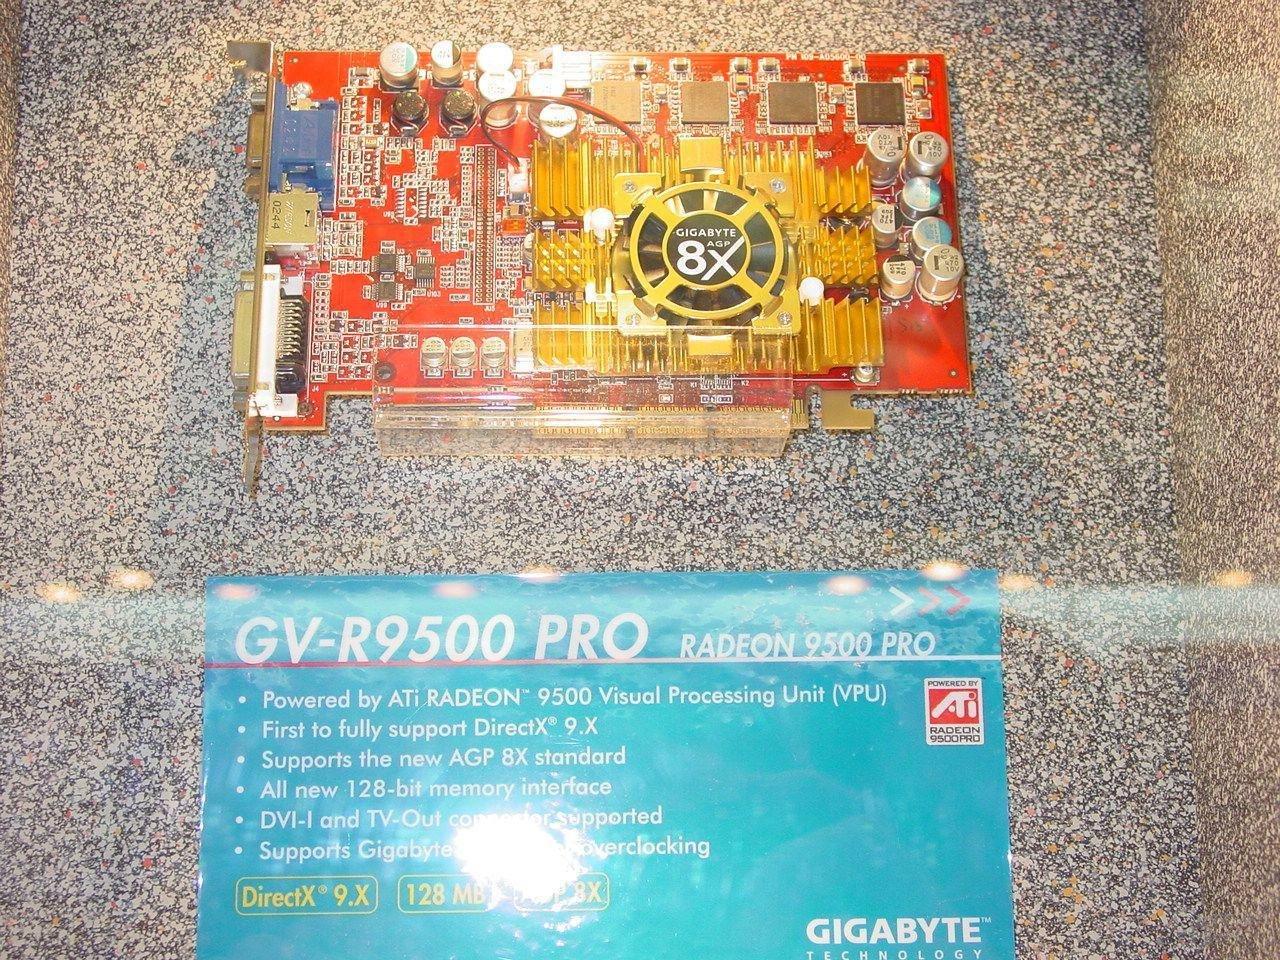 Radeon 9500 PRO